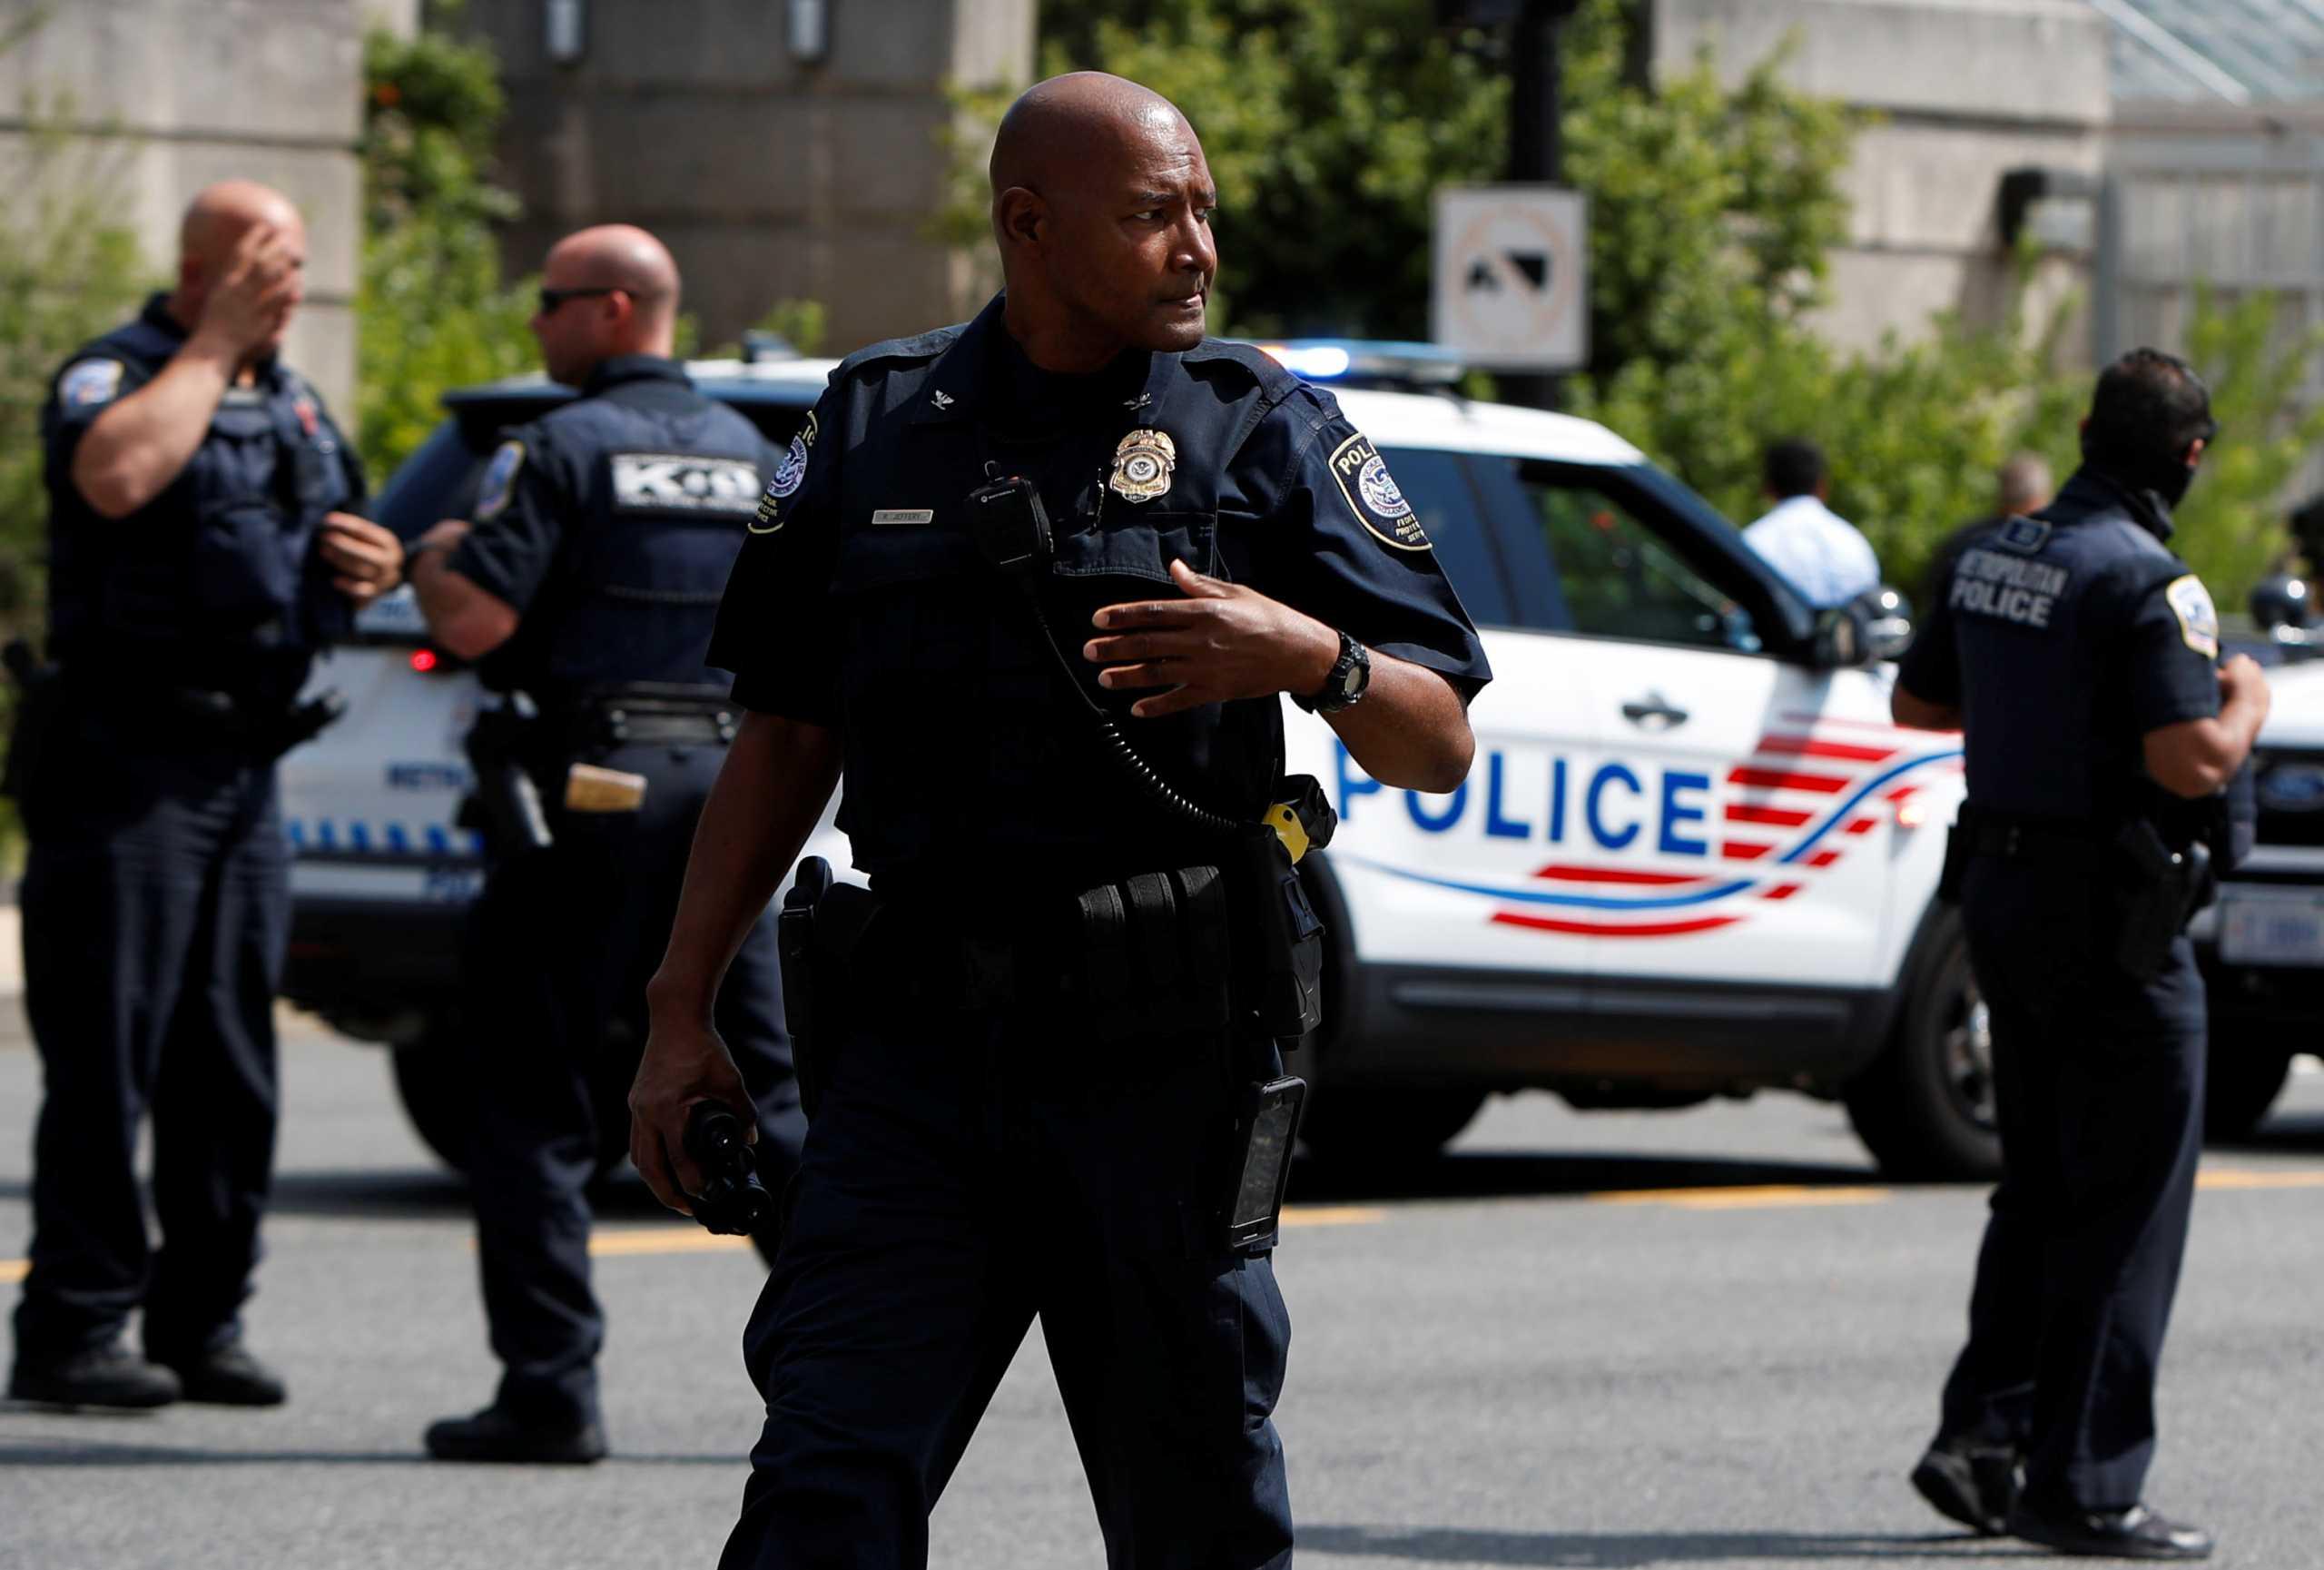 ΗΠΑ: Υπό κράτηση ο ύποπτος που απειλούσε να ανατινάξει βόμβα κοντά στο Καπιτώλιο